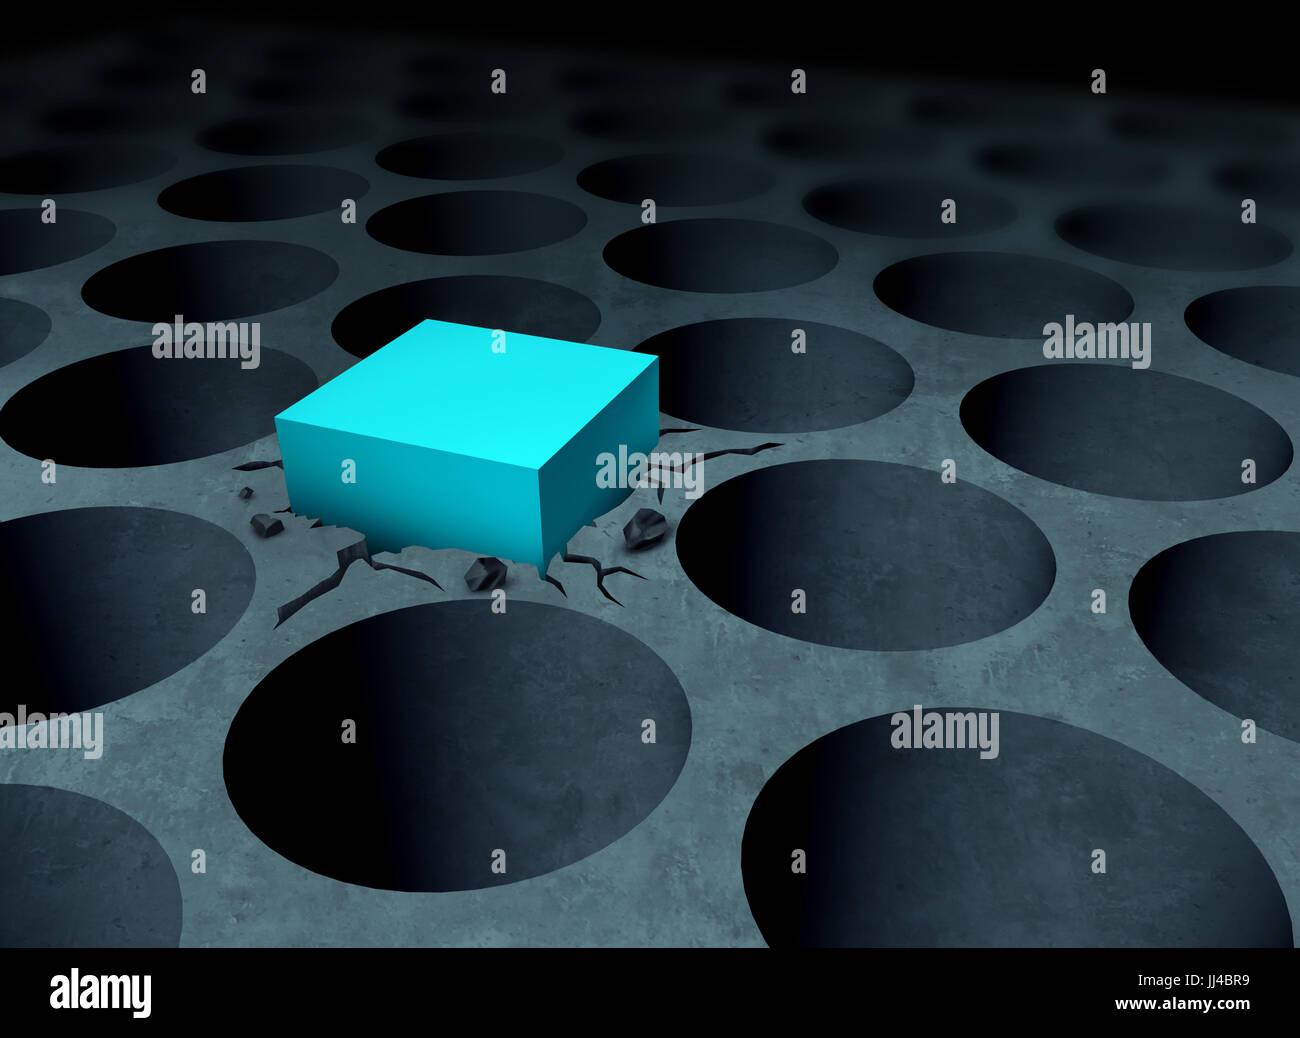 Widrigkeiten Strategiekonzept Geschäftsidee als eine Quadratur gezwungen in ein rundes Loch als Erfolg und Stockbild